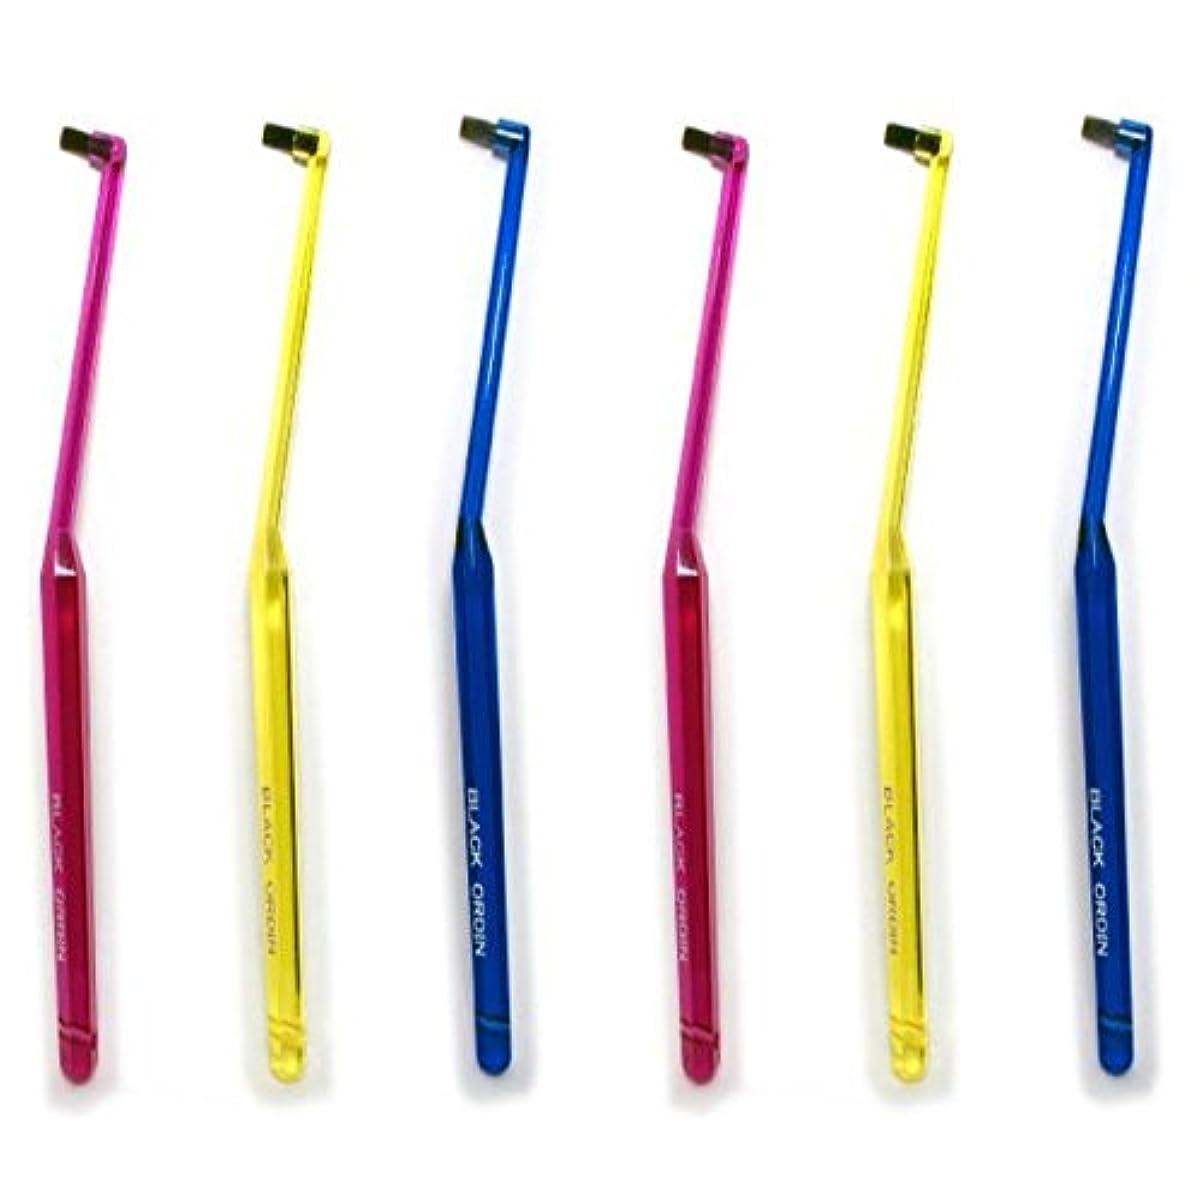 簡単にゴージャス感染するワンタフトブラシ ブラックオーディン ワンタフト×6本セット 部分用歯ブラシ 歯磨き 歯ブラシ